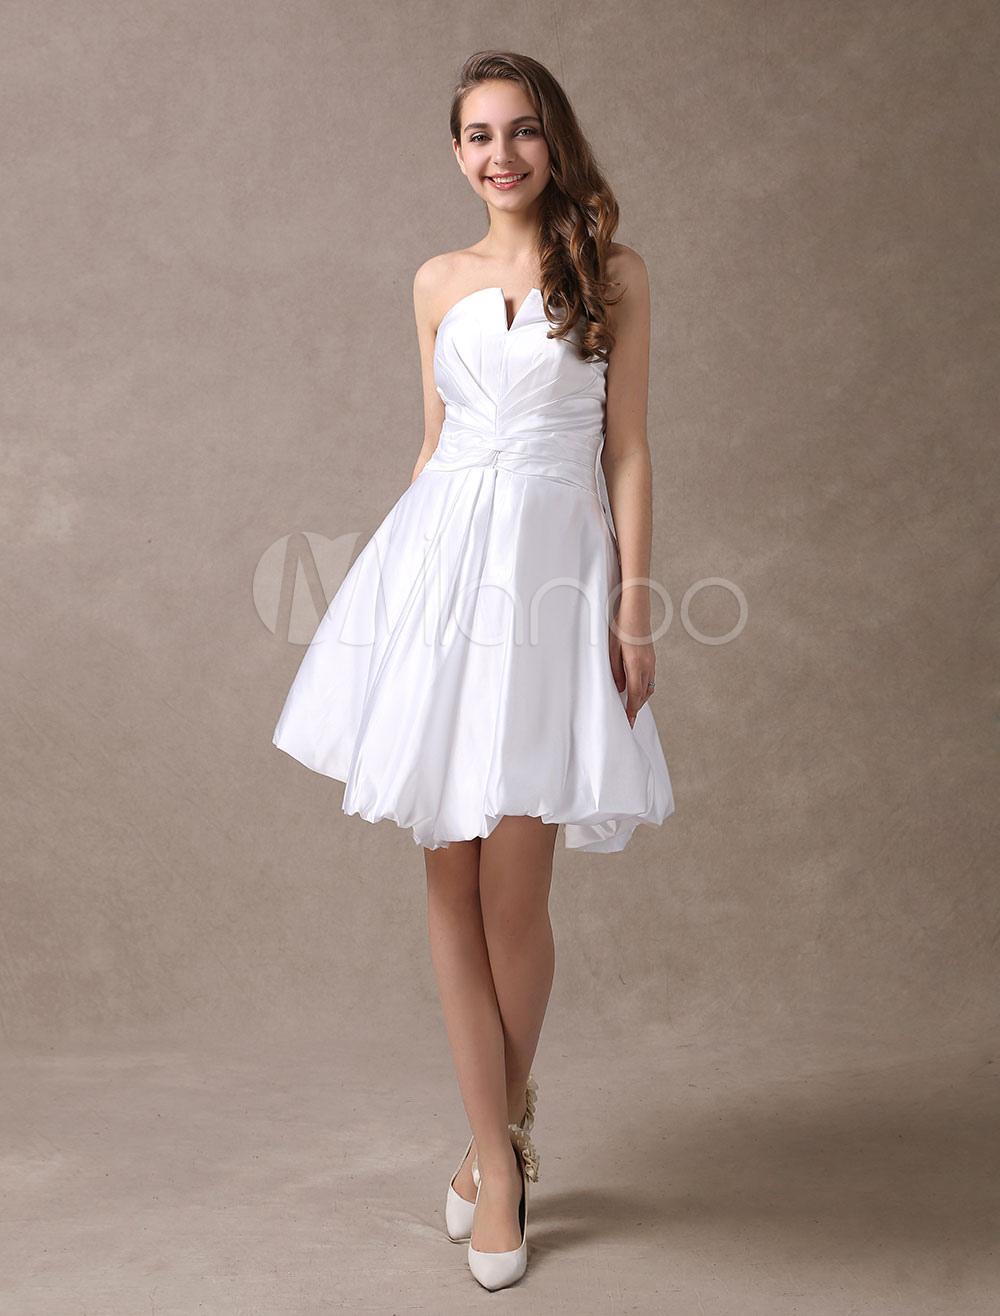 Verspieltes Mini-Brautkleid aus Satin mit V-Ausschnitt in Weiß ...